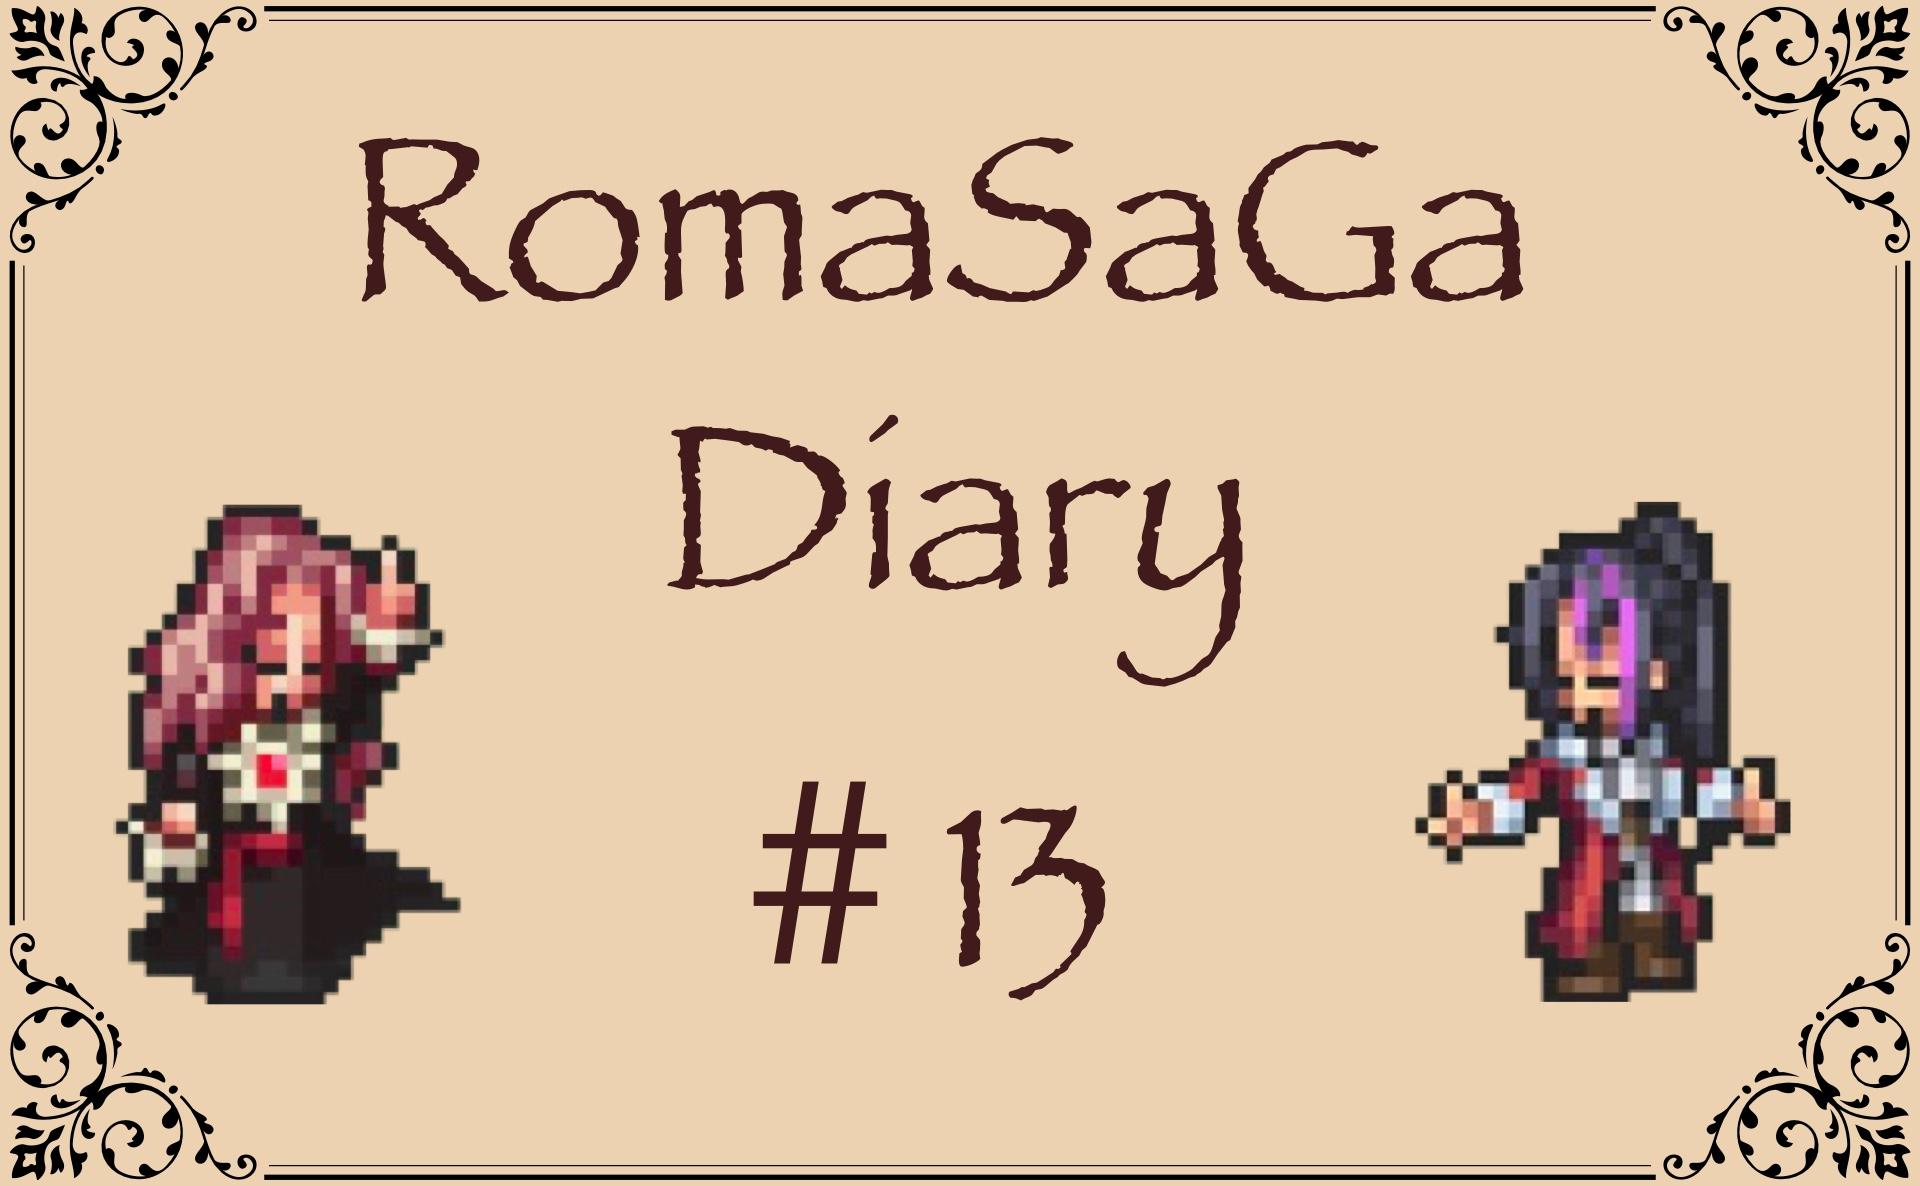 ロマサガDiary#13